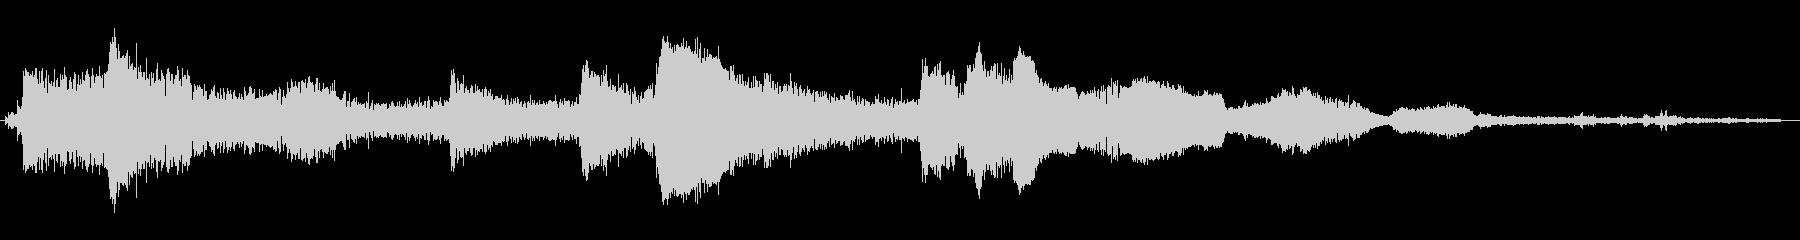 スズキ1100:スタート、アイドル...の未再生の波形